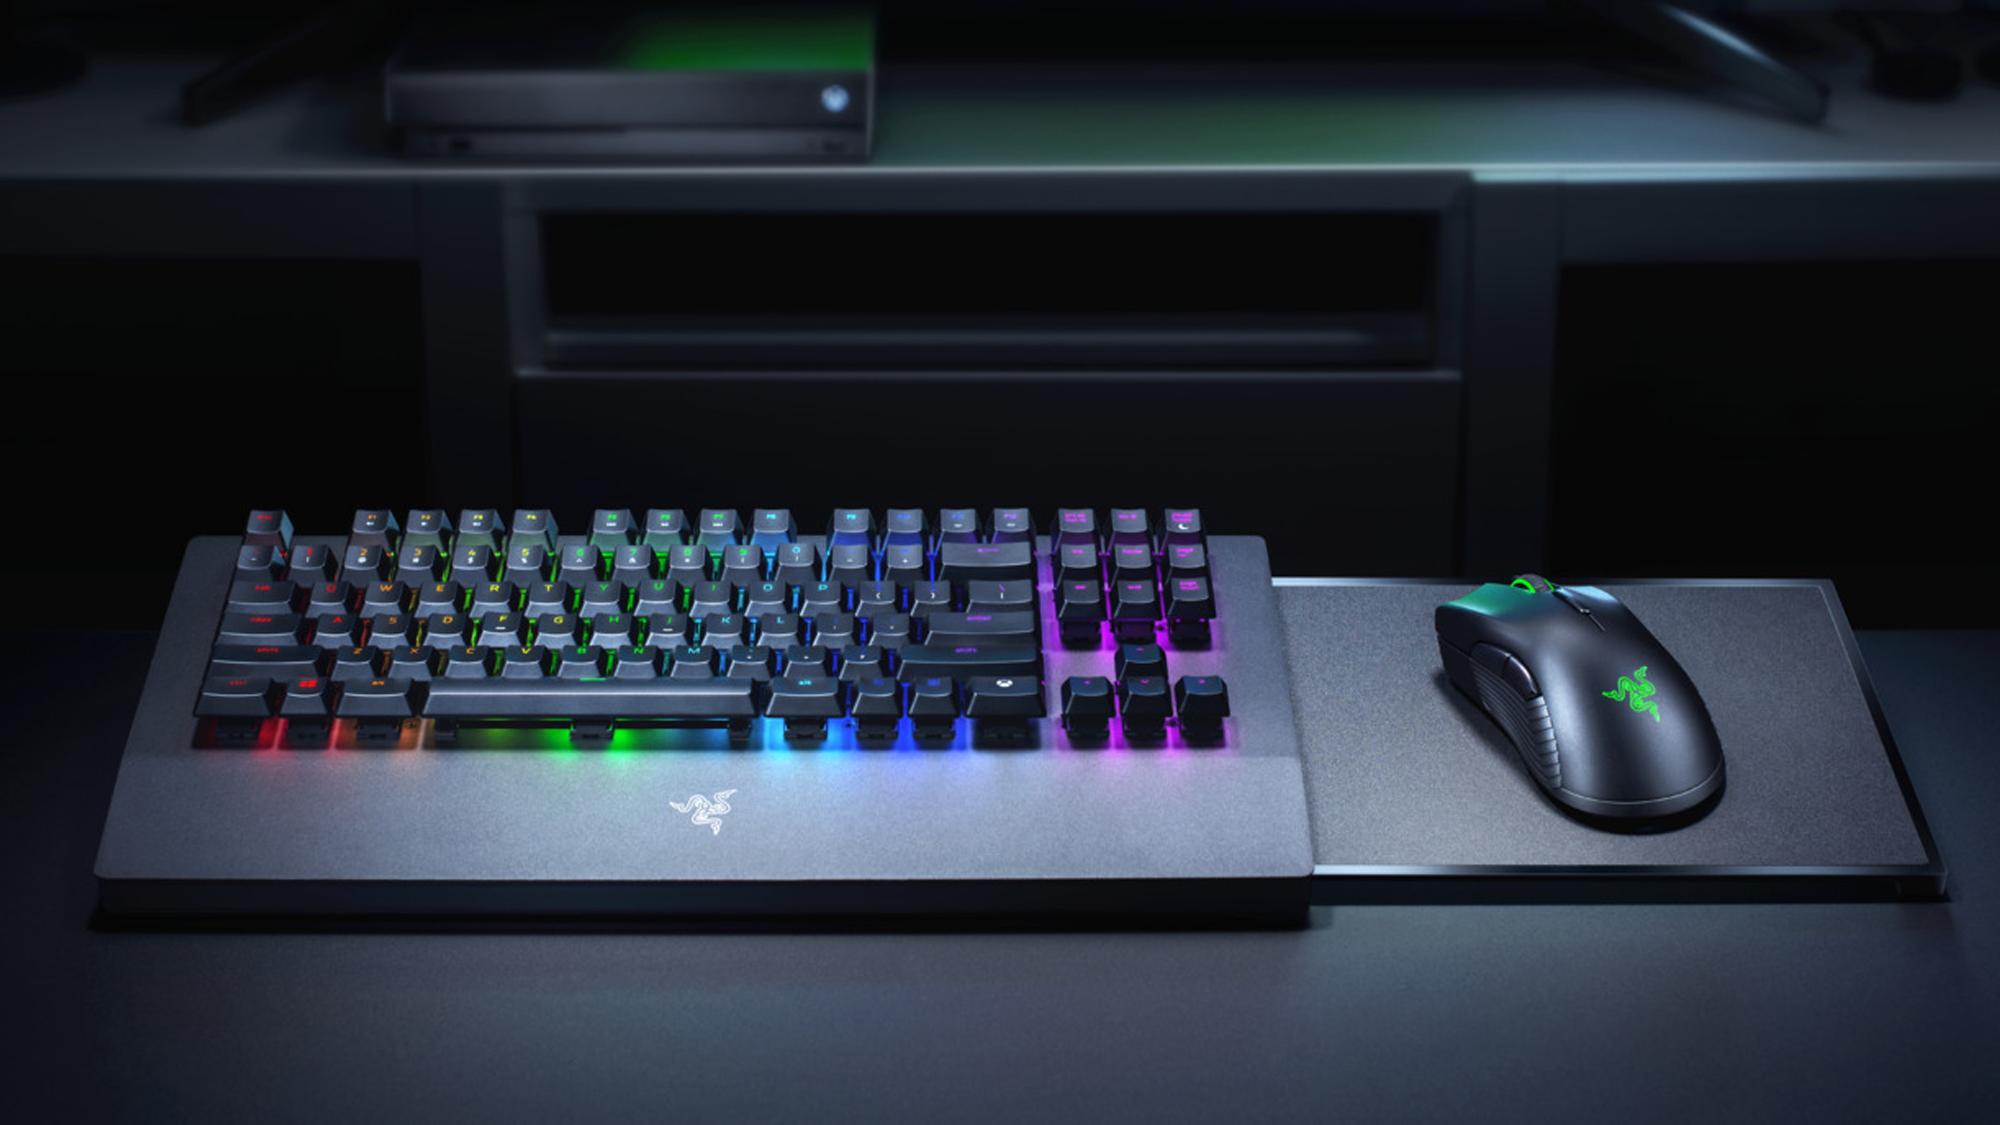 razer, turret, xbox, xbox one, mouse, keyboard, wireless